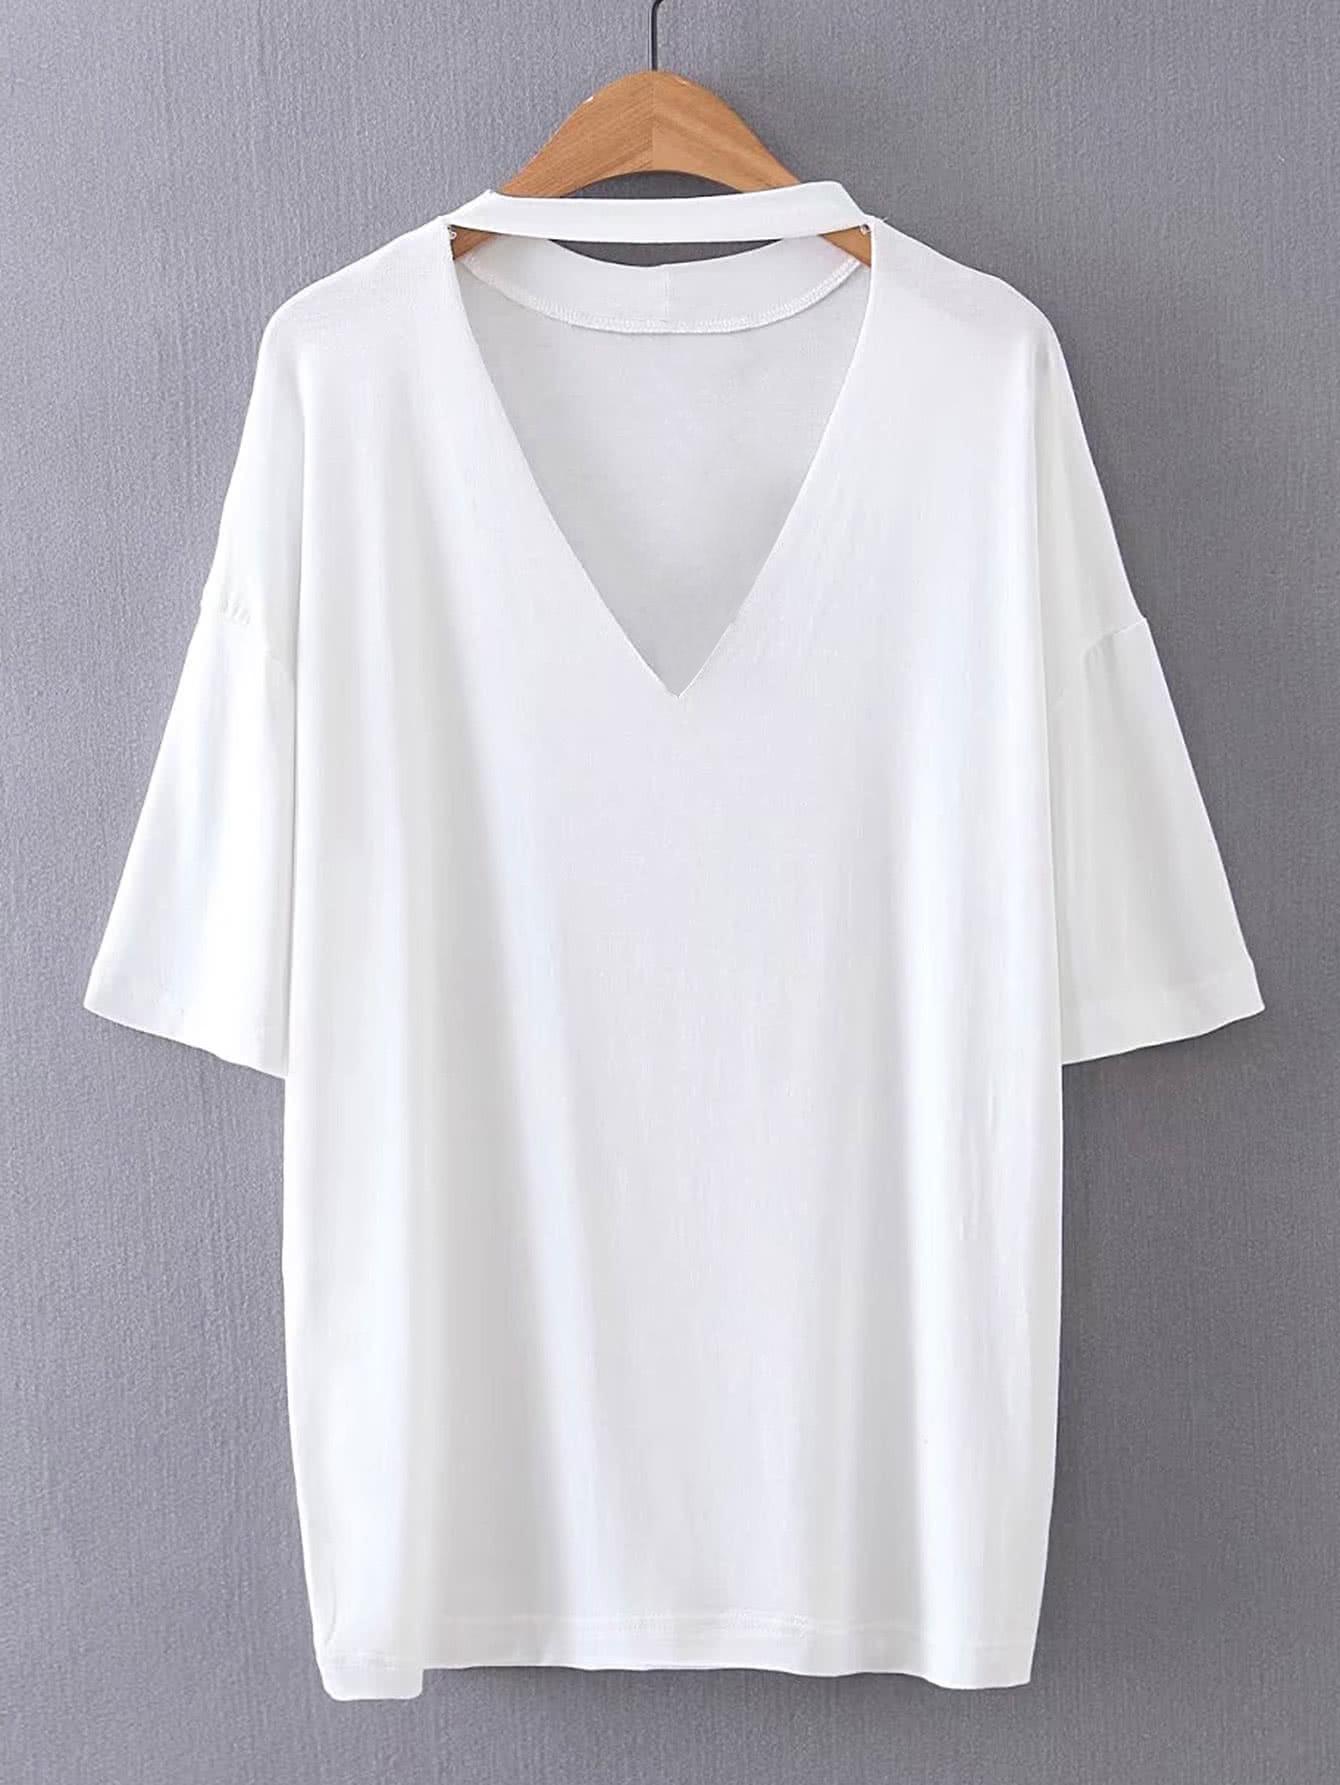 Choker V Neck Drop Shoulder T-Shirt two tone drop shoulder sweatshirt